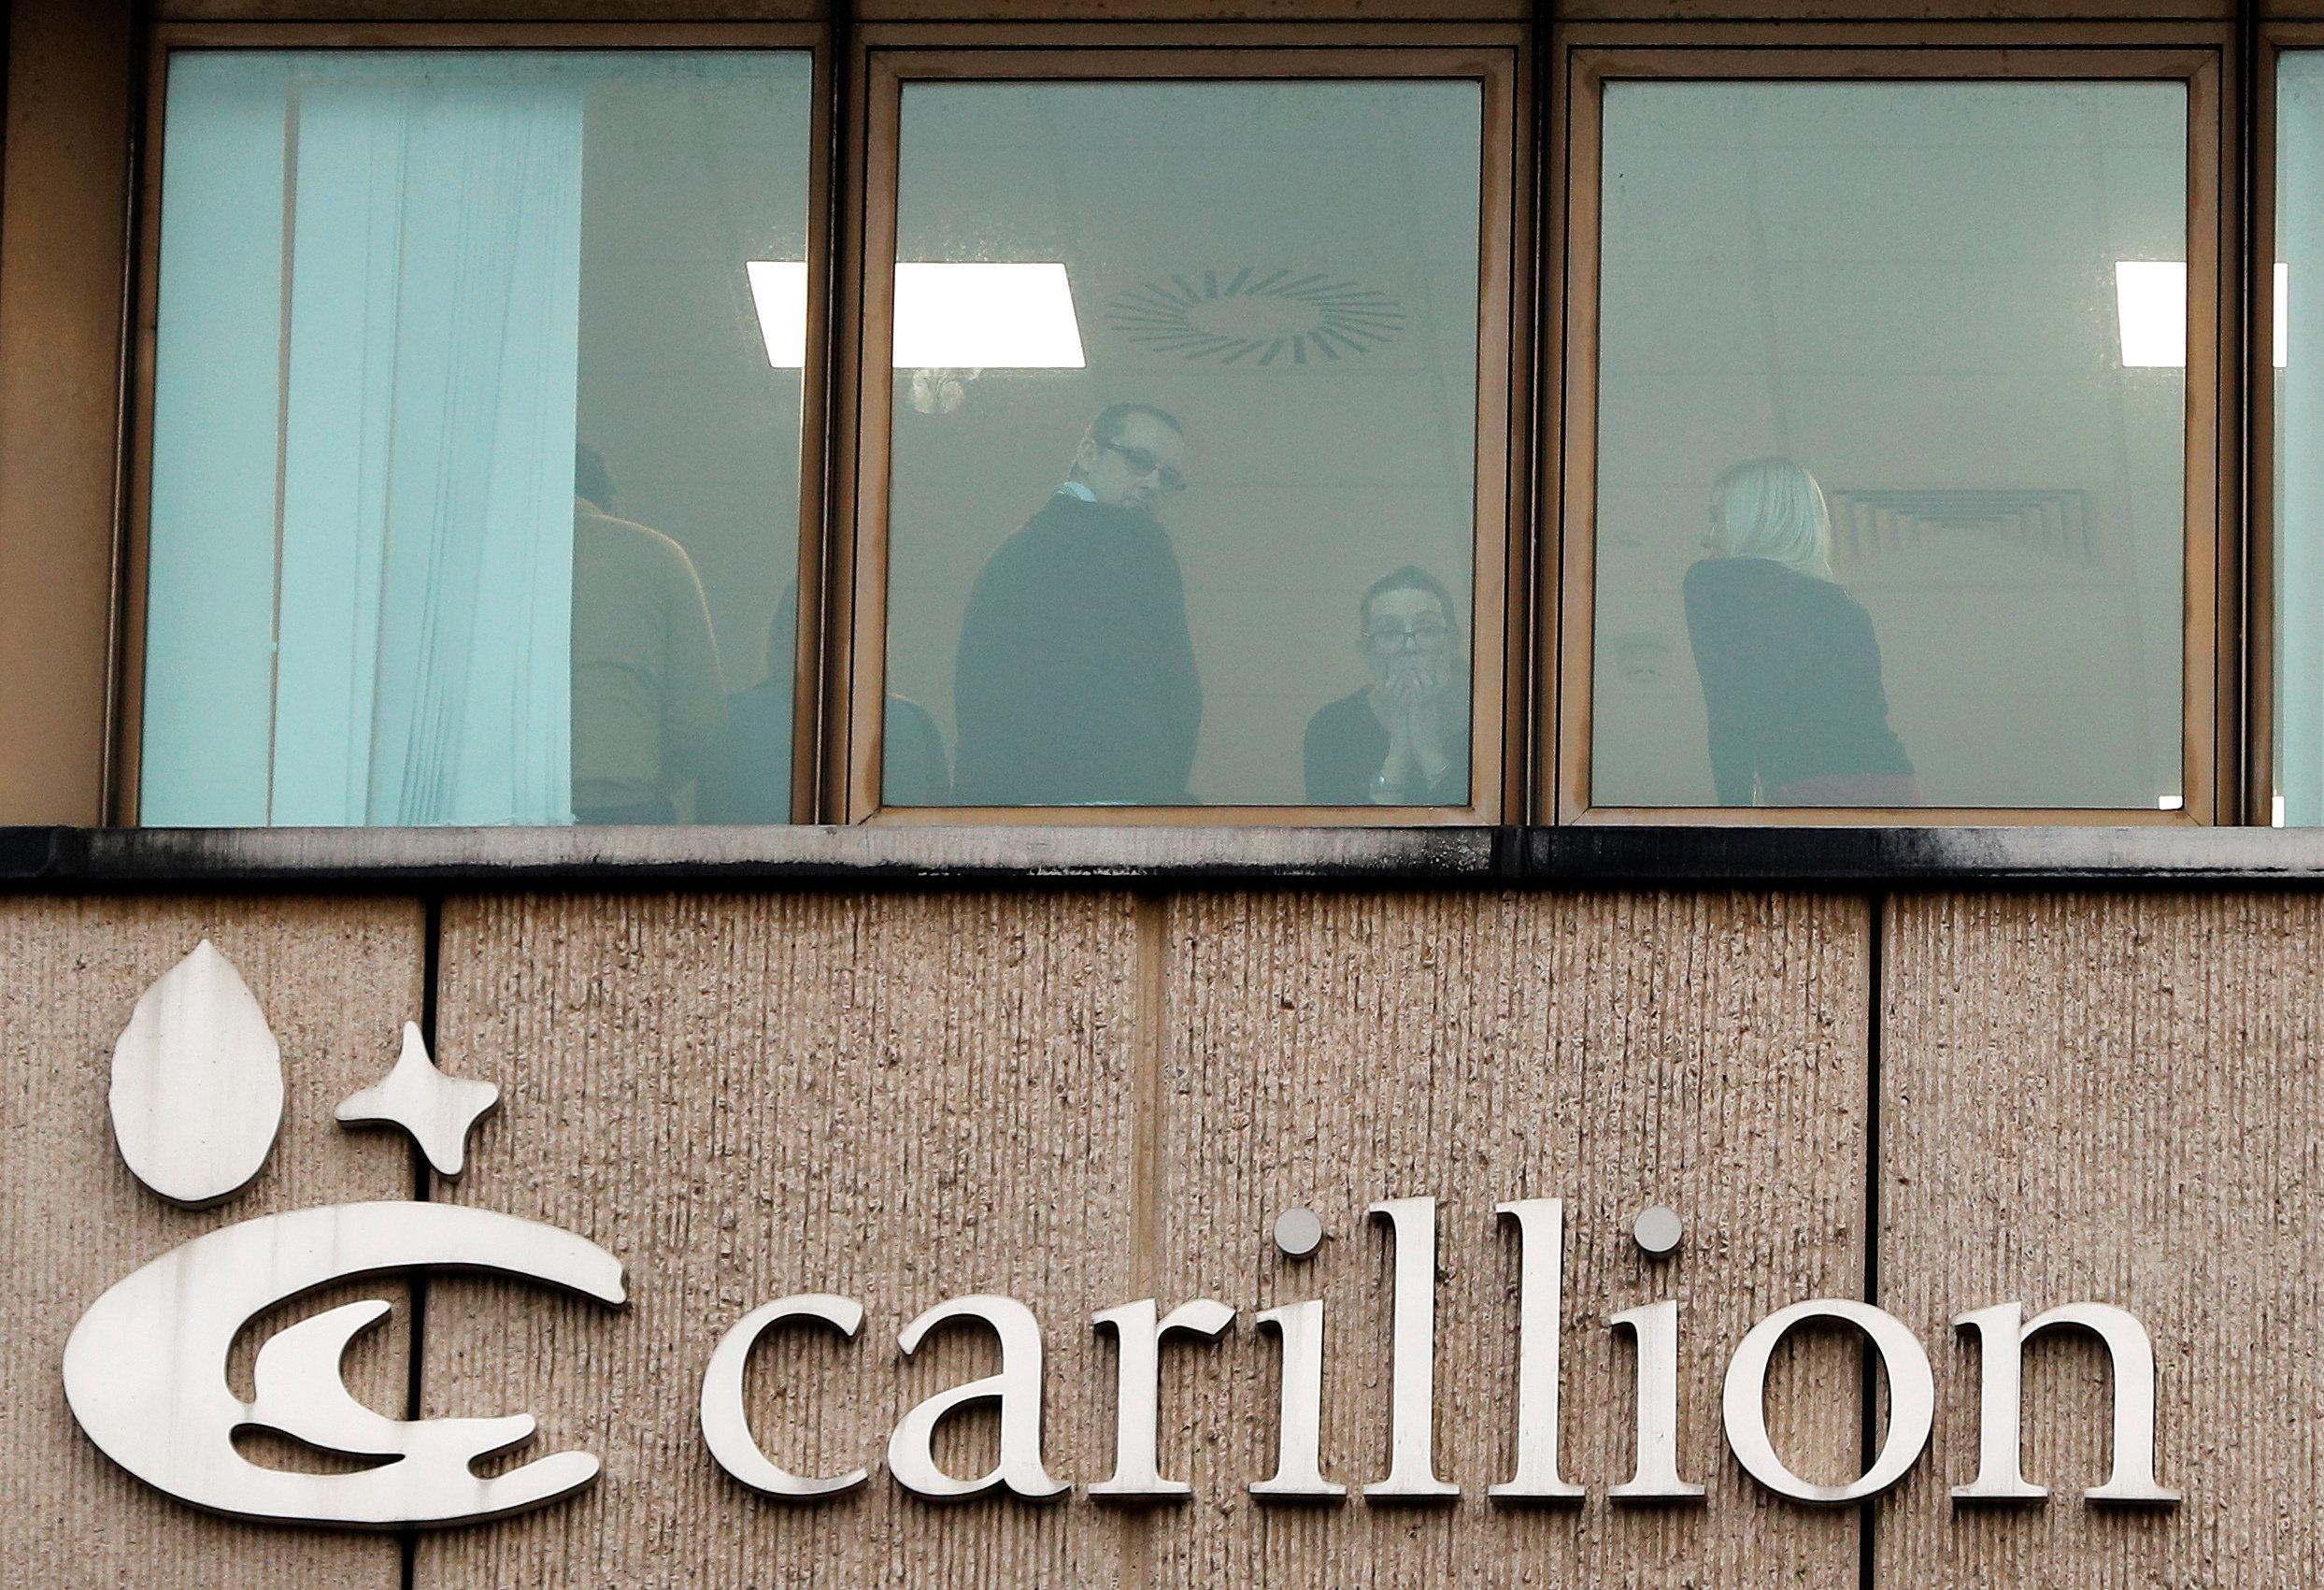 Βρετανία: Κατέρρευσε η εταιρία Carillion καθώς οι τράπεζες αρνήθηκαν να της χορηγήσουν νέα